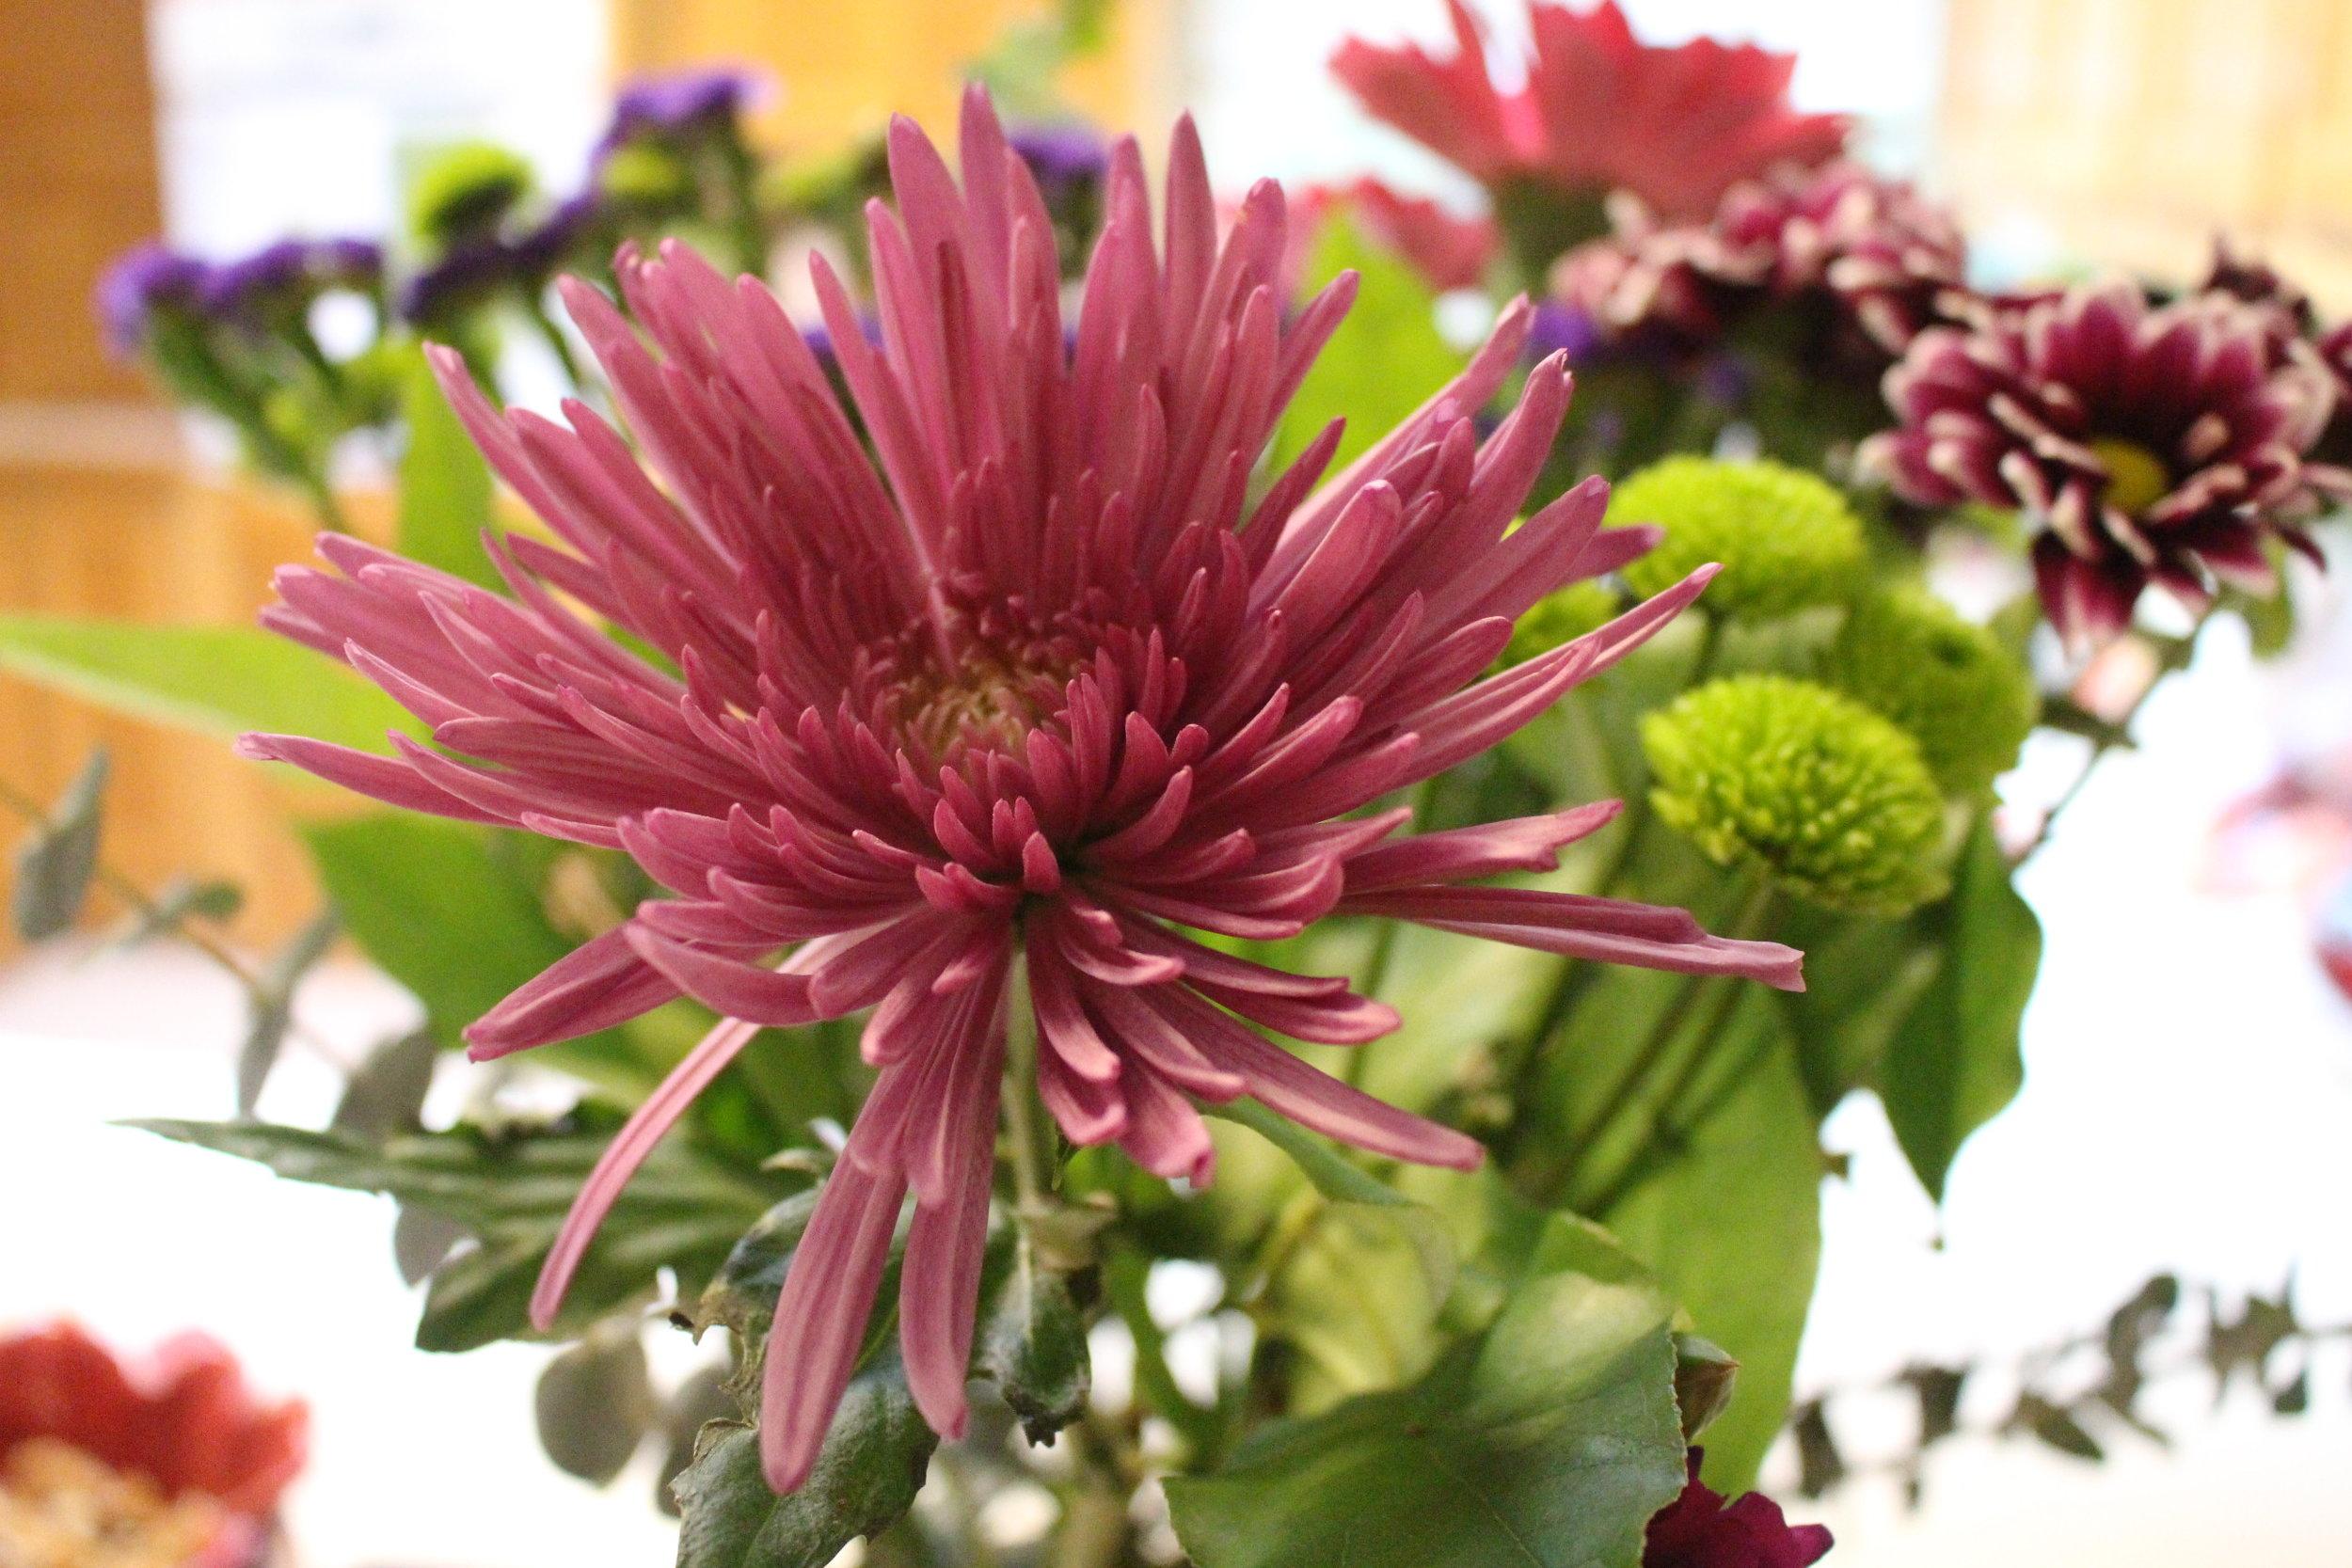 #119 Chrysanthemum,  Chrysanthemum  coronarium